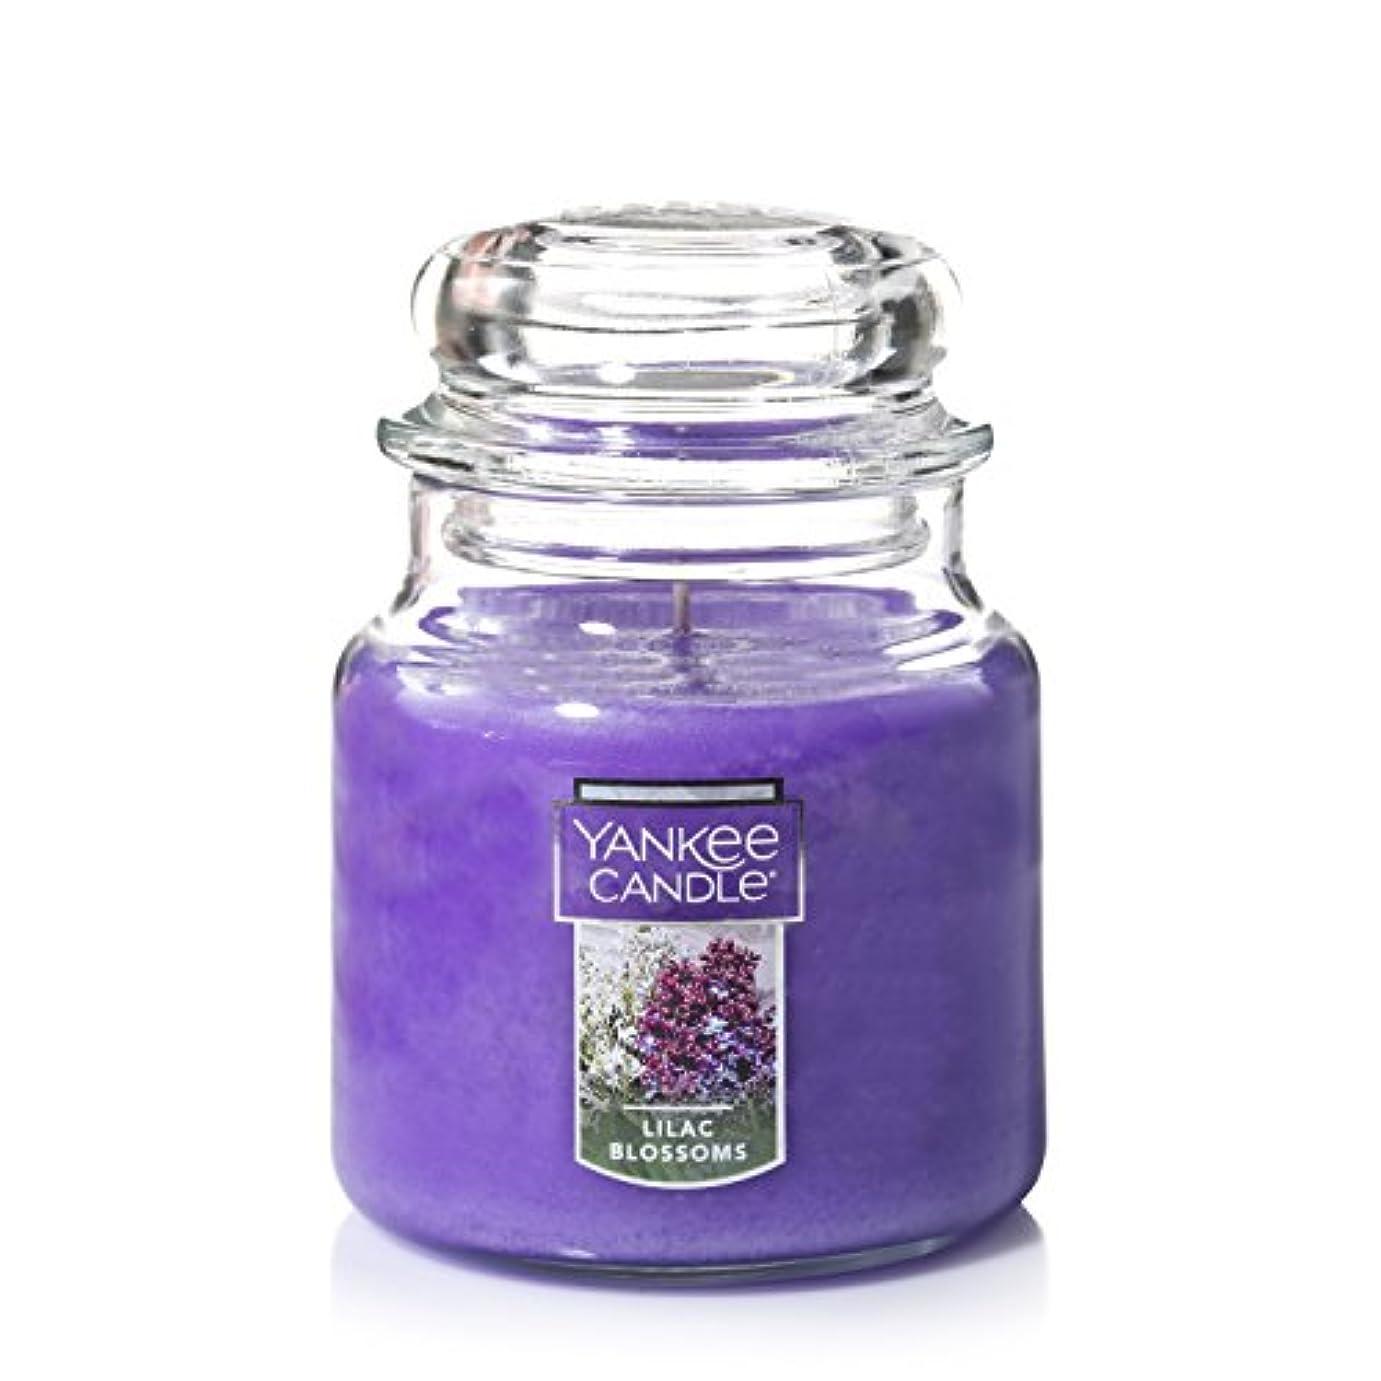 経済的化学受賞Yankee CandleライラックBlossoms Medium Jar 14.5oz Candle One パープル 1006996